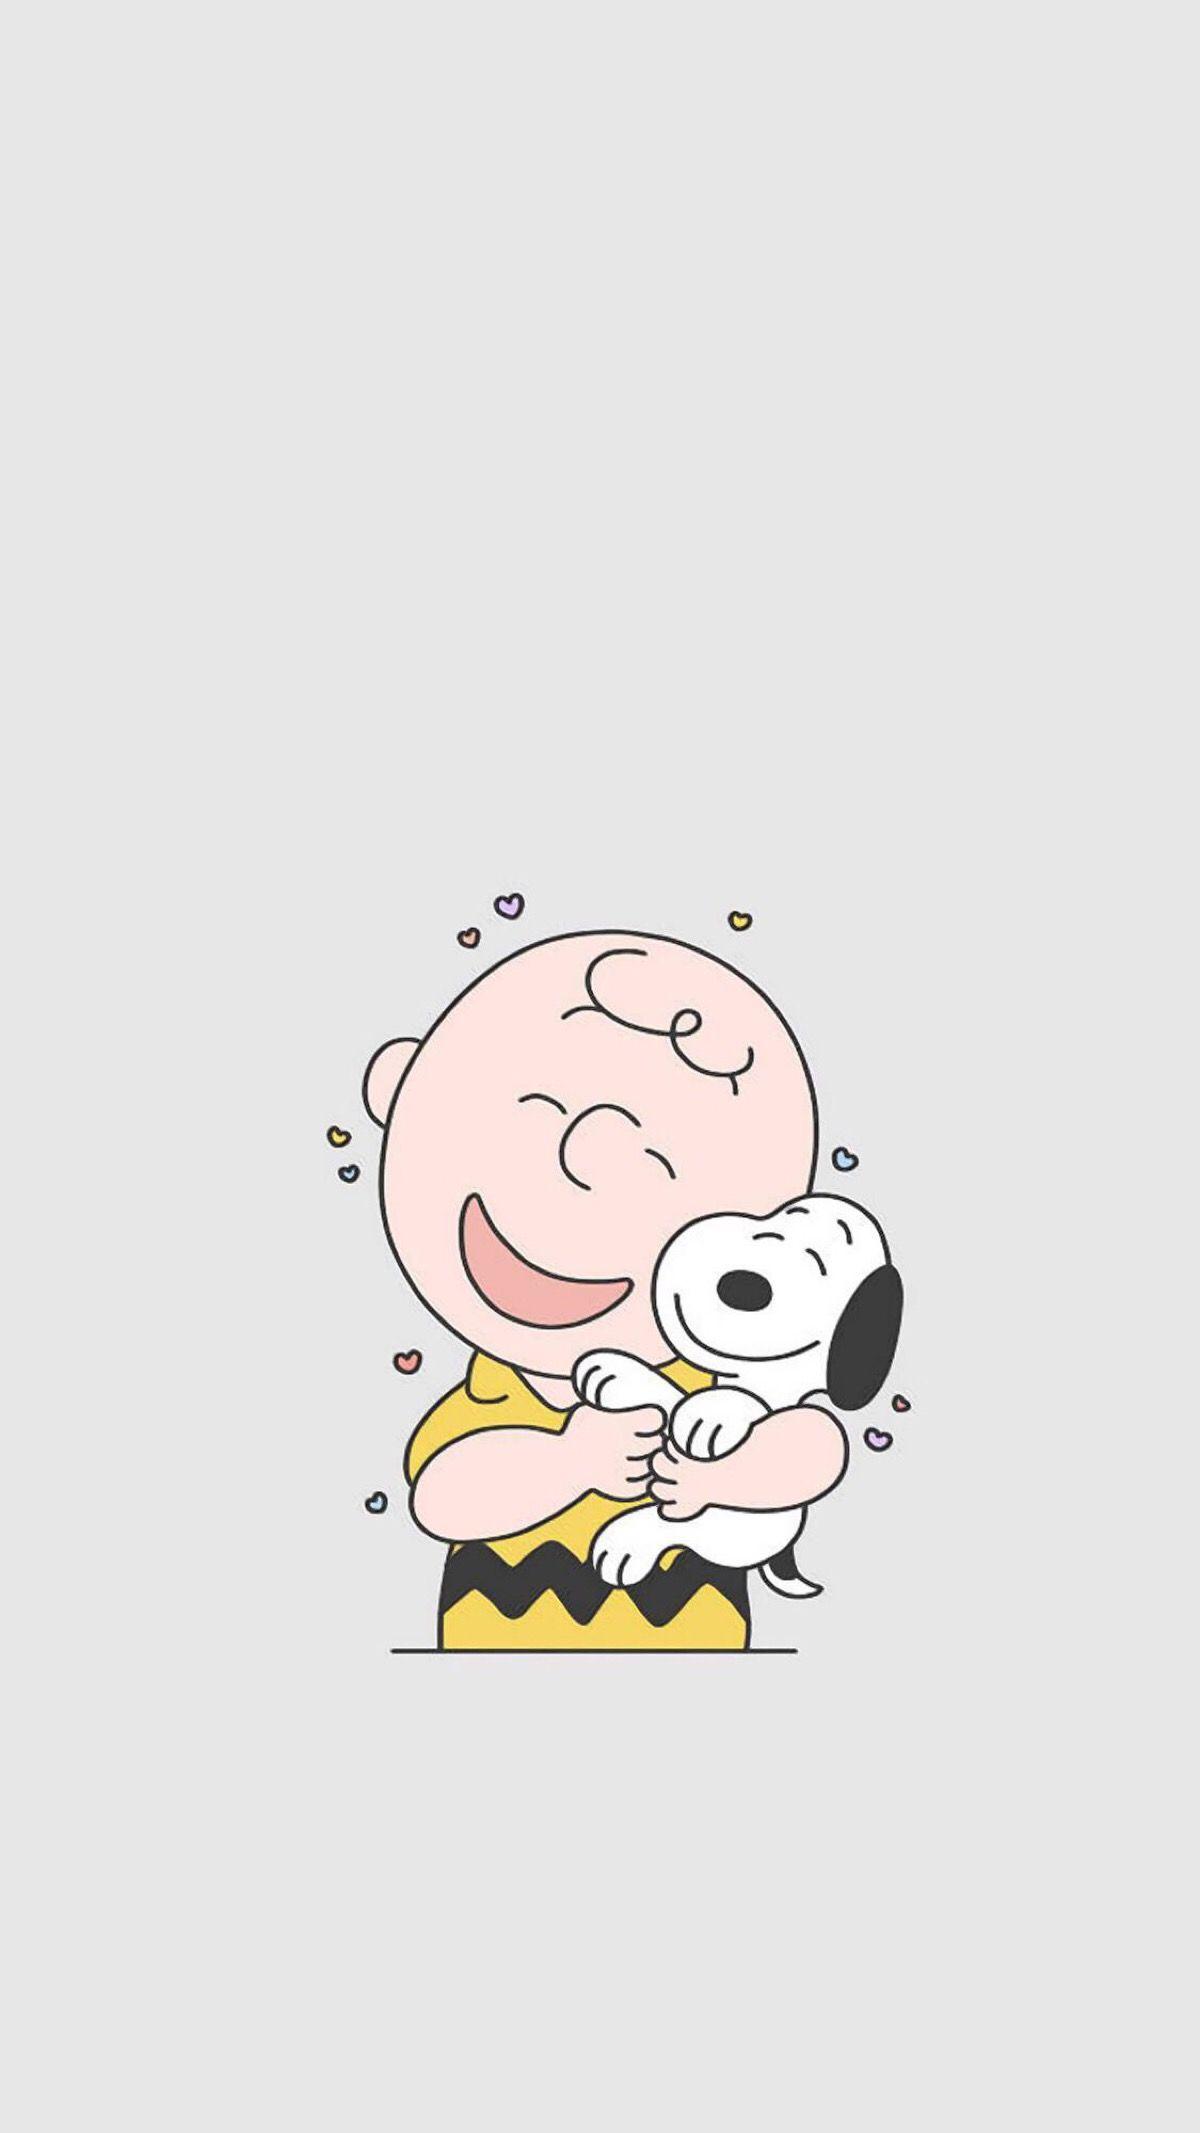 Charlie Brown Snoopy 3 Imágenes Chulas Fondo De